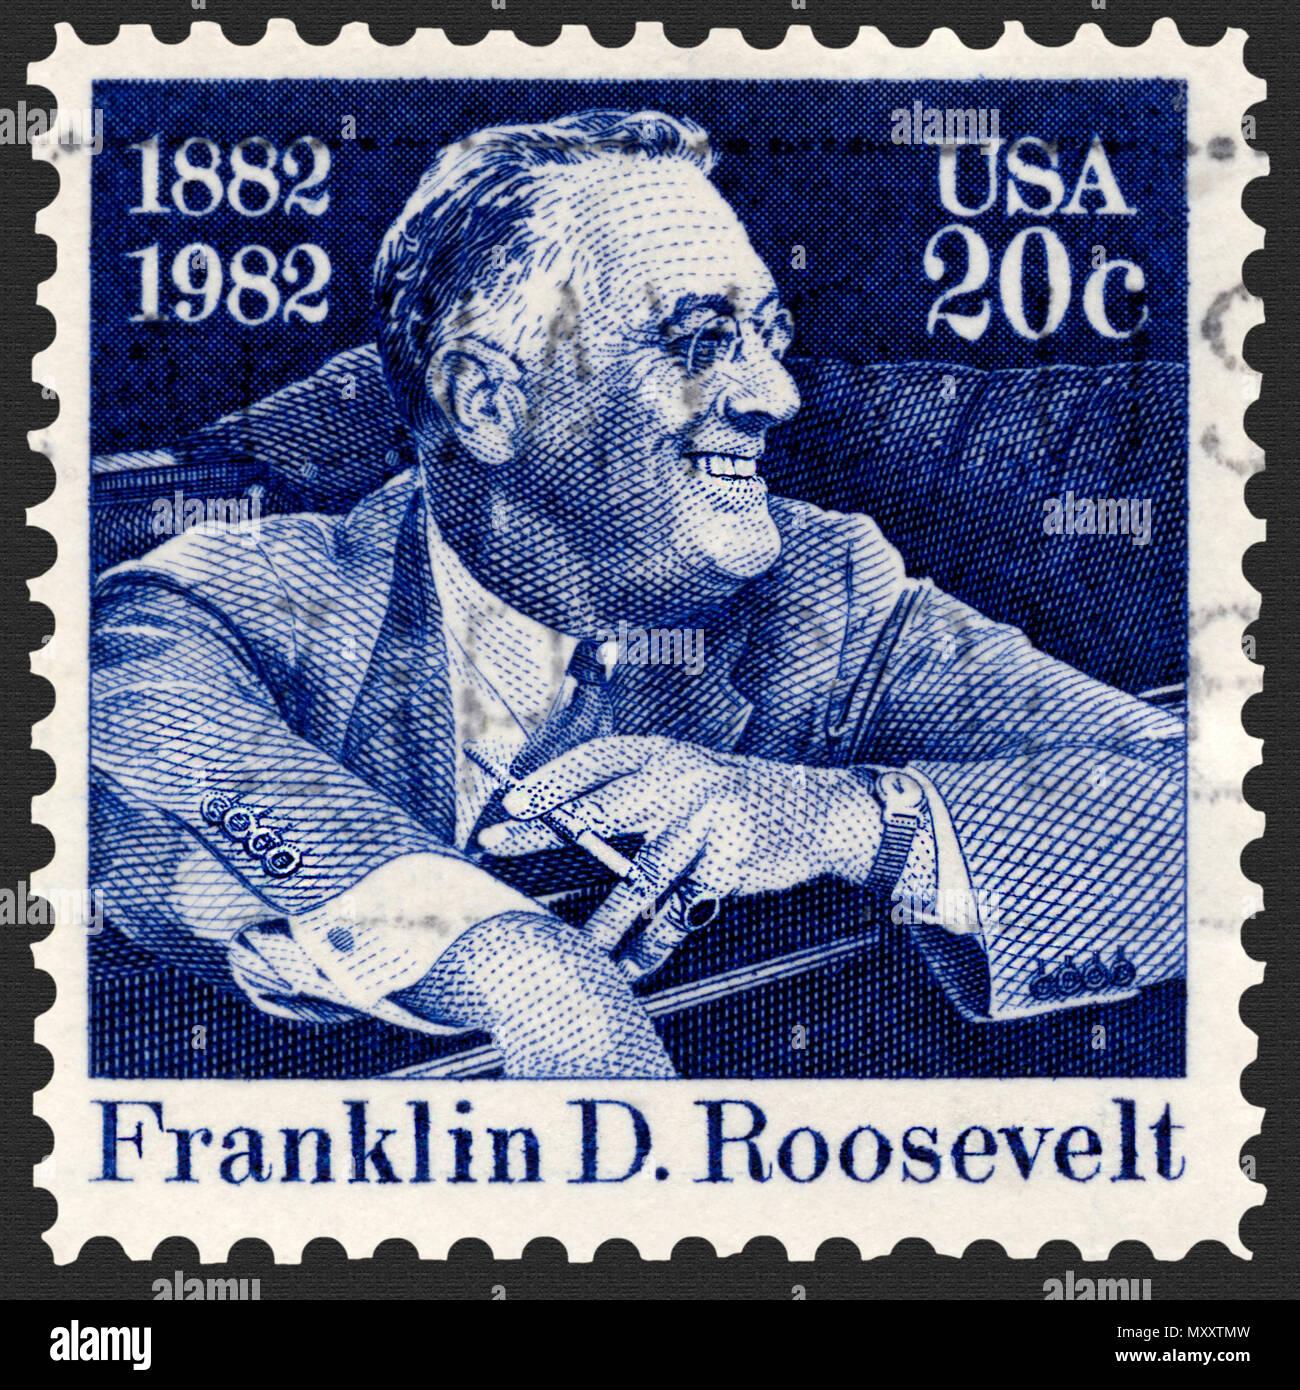 Franklin D Roosevelt Smiling Seated In Car Postage Stamp